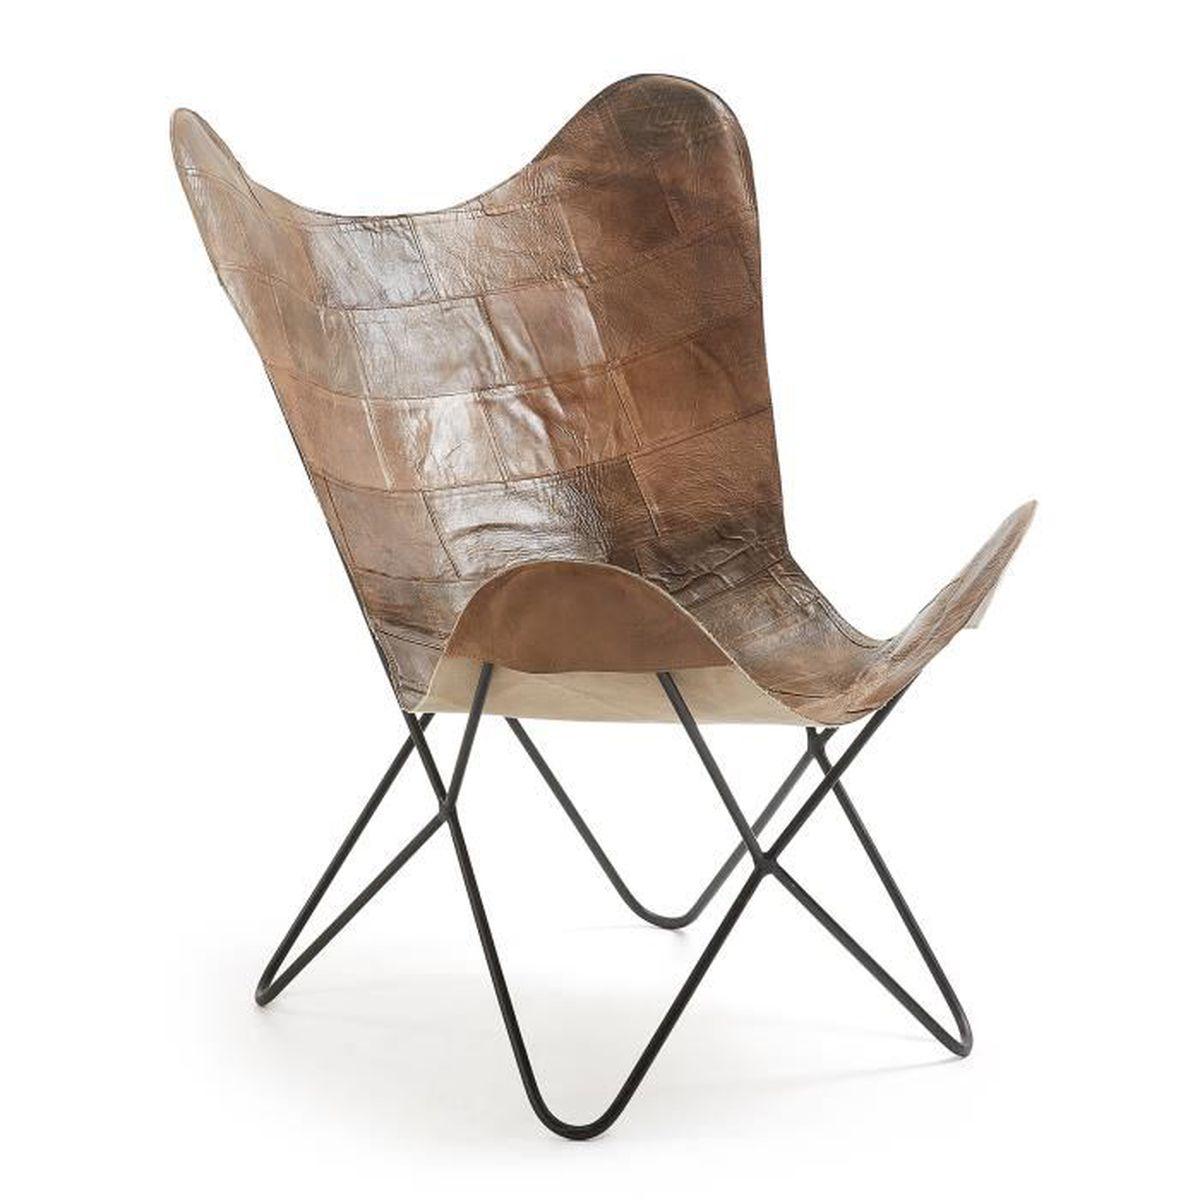 Fauteuil Fly cuir marron Achat Vente fauteuil Marron Soldes